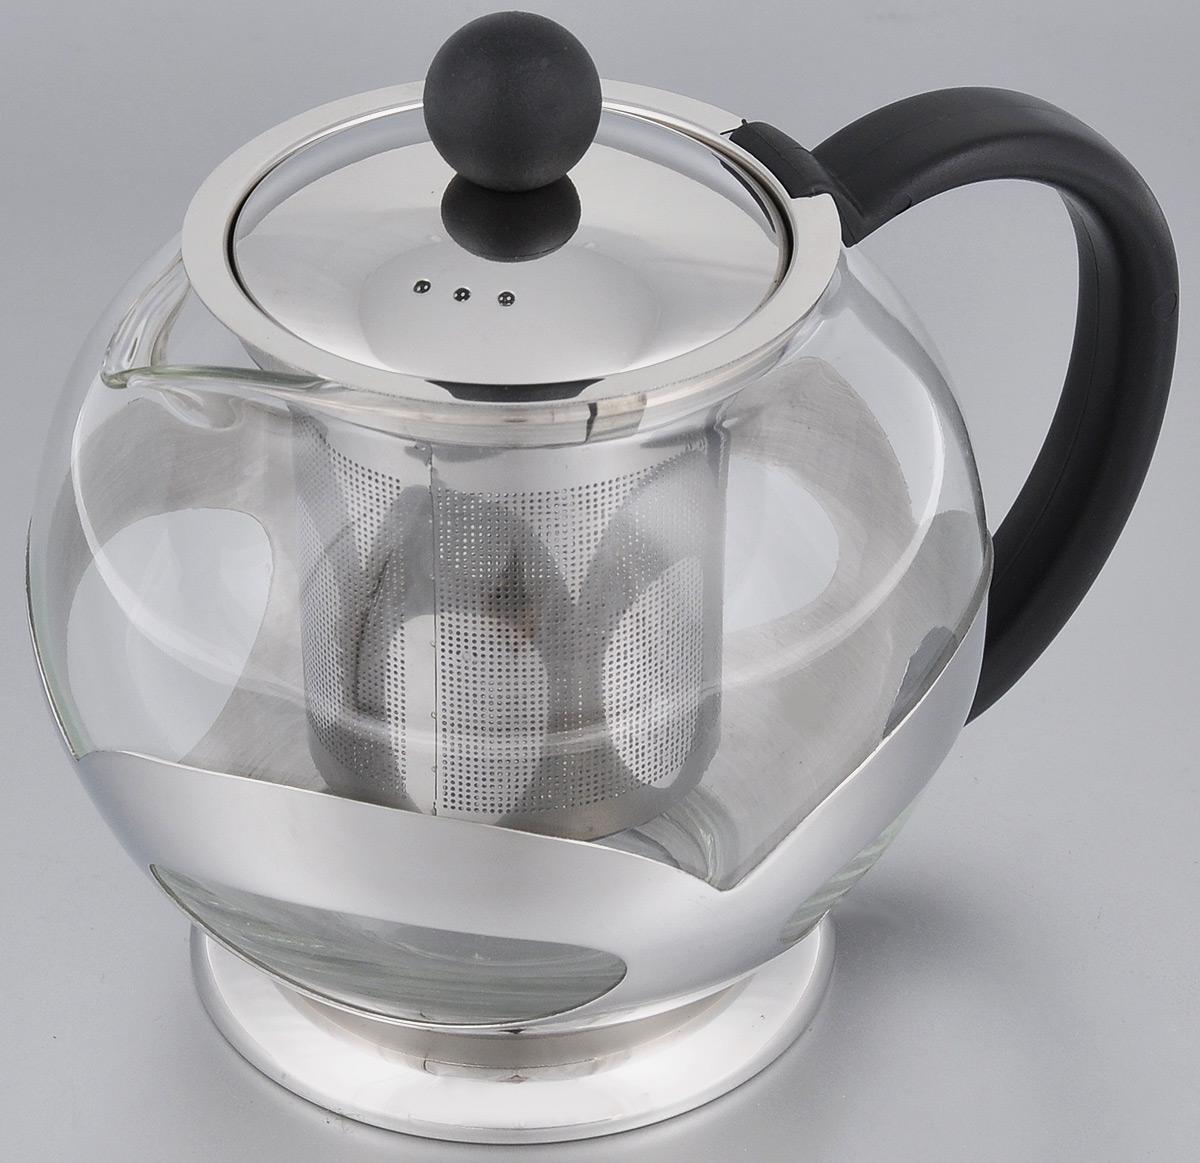 Чайник заварочный Miolla, с фильтром, 750 мл1014078UЗаварочный чайник Miolla, изготовленный из термостойкого стекла,предоставит вам все необходимые возможности для успешного заваривания чая.Чай в таком чайнике дольше остается горячим, а полезные и ароматическиевещества полностью сохраняются в напитке. Чайник оснащен фильтром, который выполнен из нержавеющей стали.Простой и удобный чайник поможет вам приготовить крепкий, ароматный чай. Нельзя мыть в посудомоечной машине. Не использовать в микроволновой печи. Диаметр чайника (по верхнему краю): 7,5 см. Высота чайника (без учета крышки): 11,5 см. Высота фильтра: 8 см.